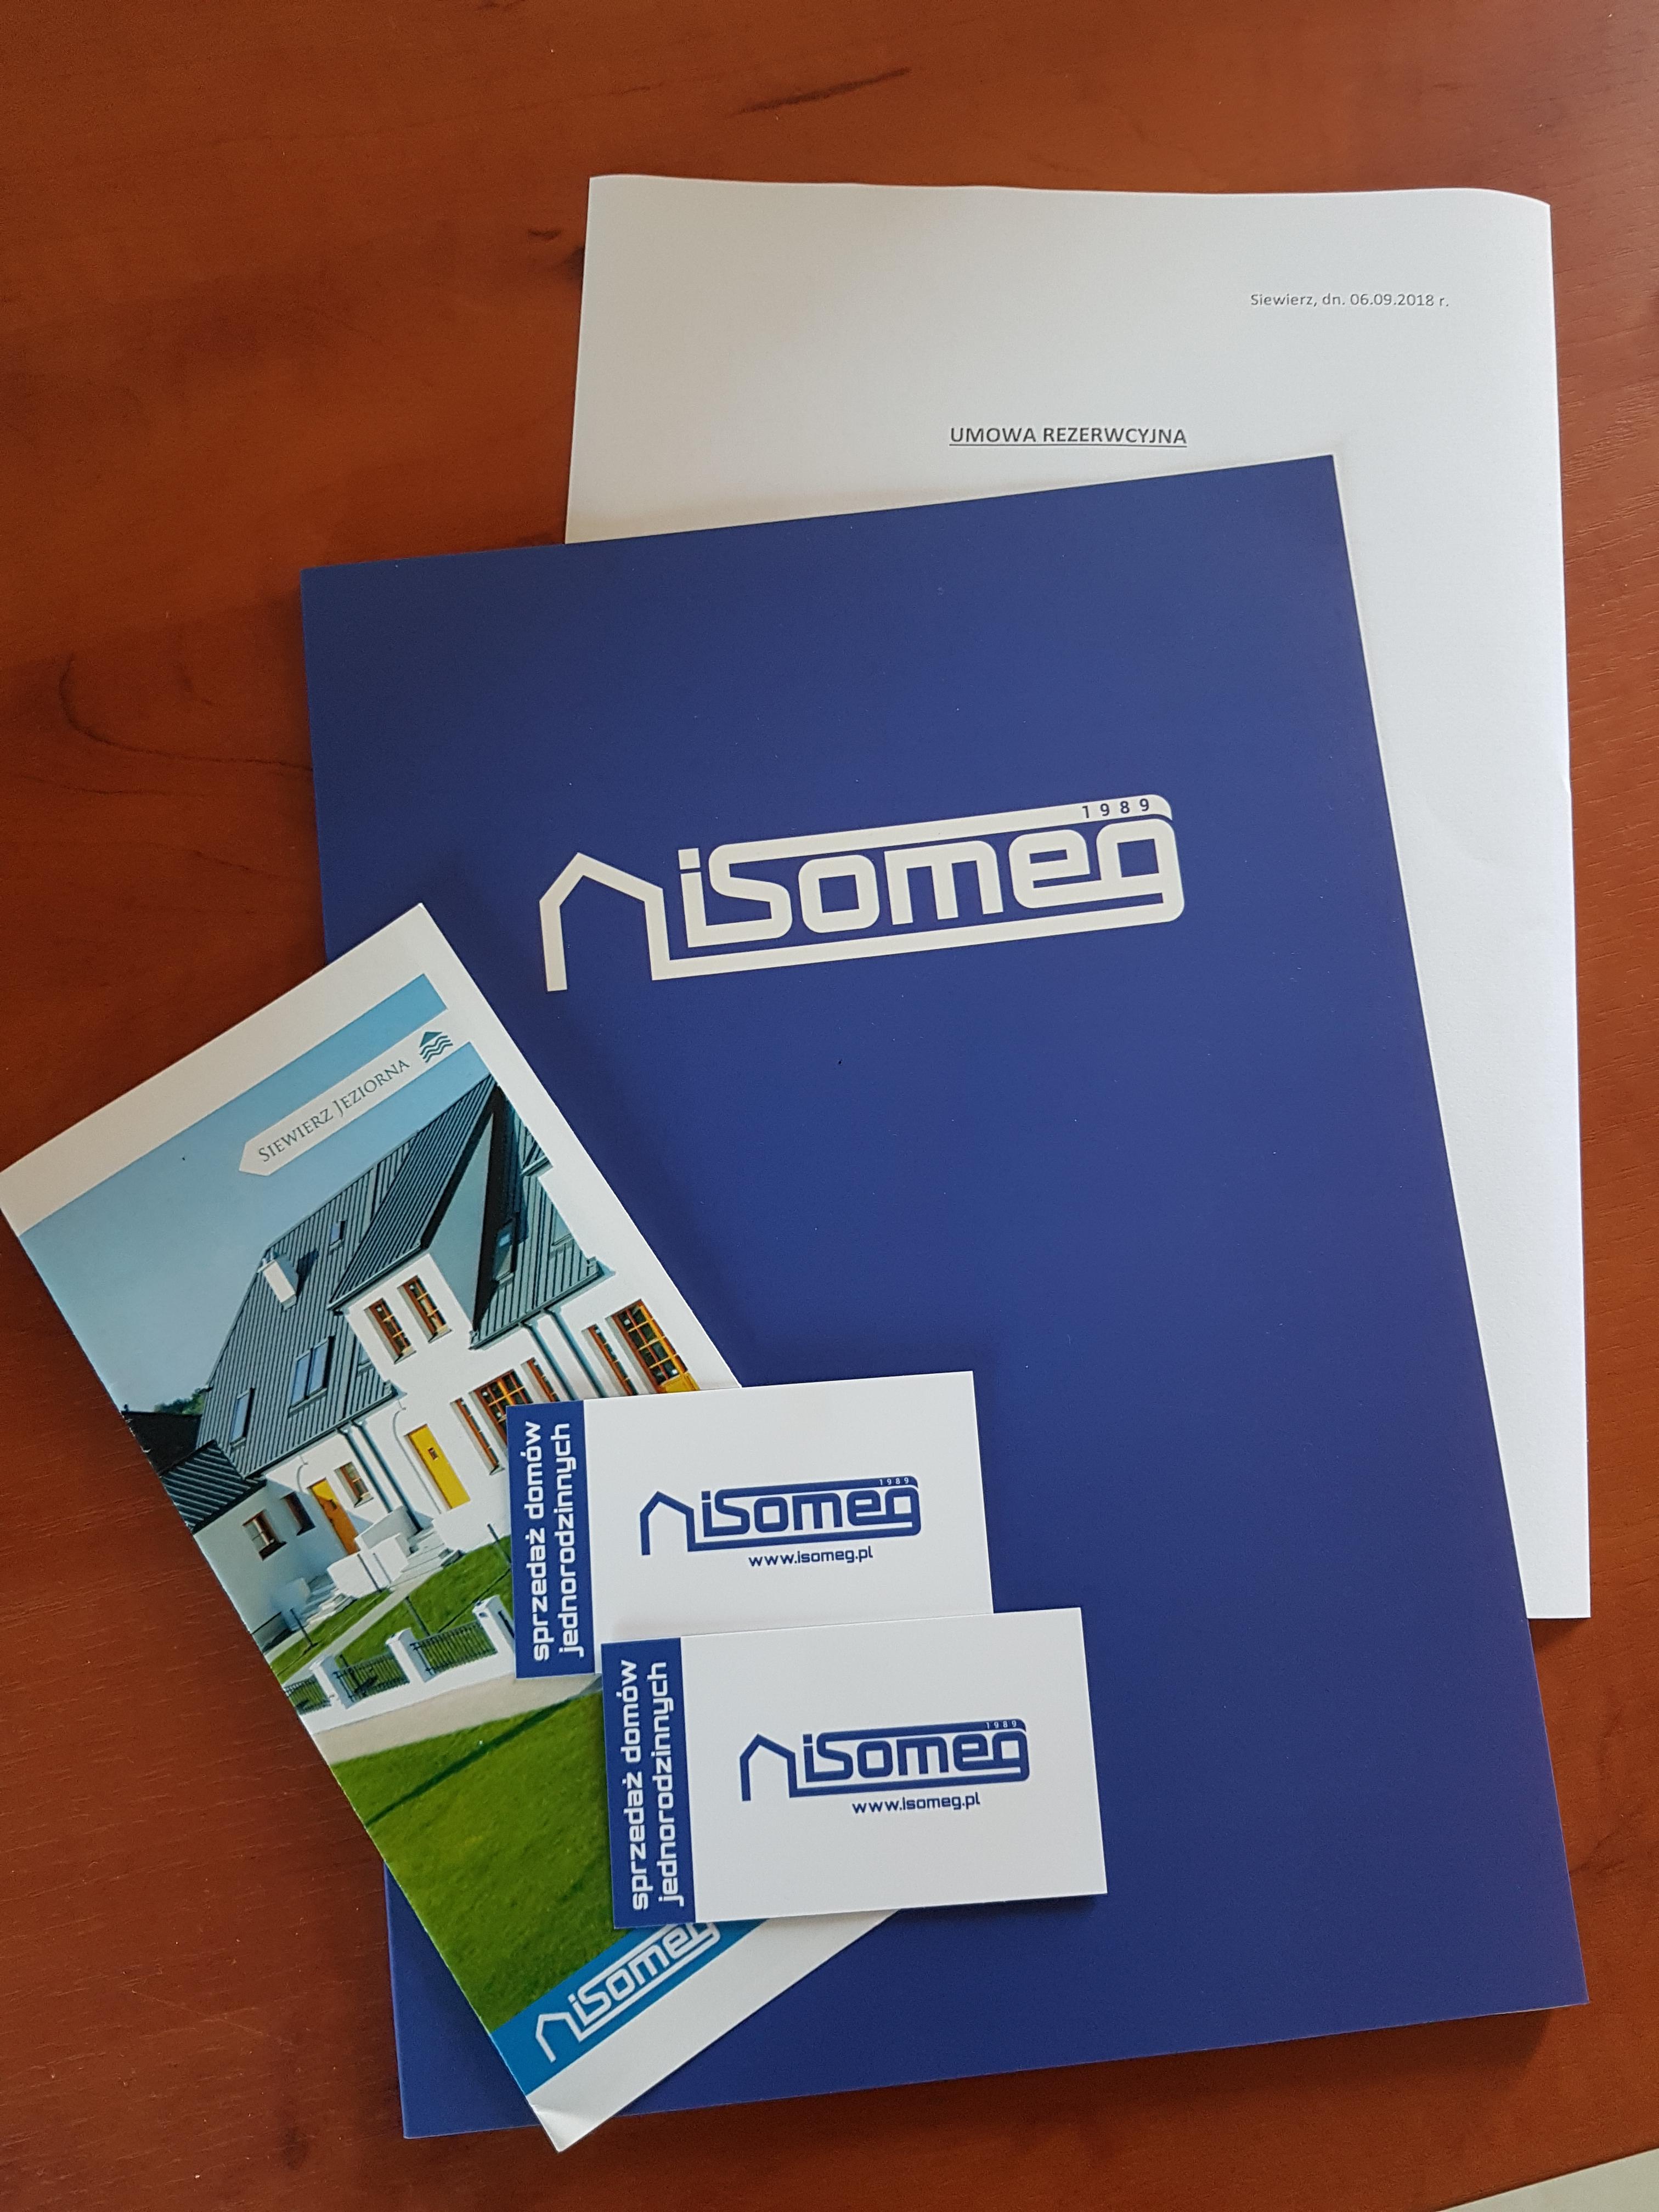 Umowa rezerwacyjna zakupu nieruchomości od firmy ISOMEG na terenie osiedla Siewierz Jeziorna.